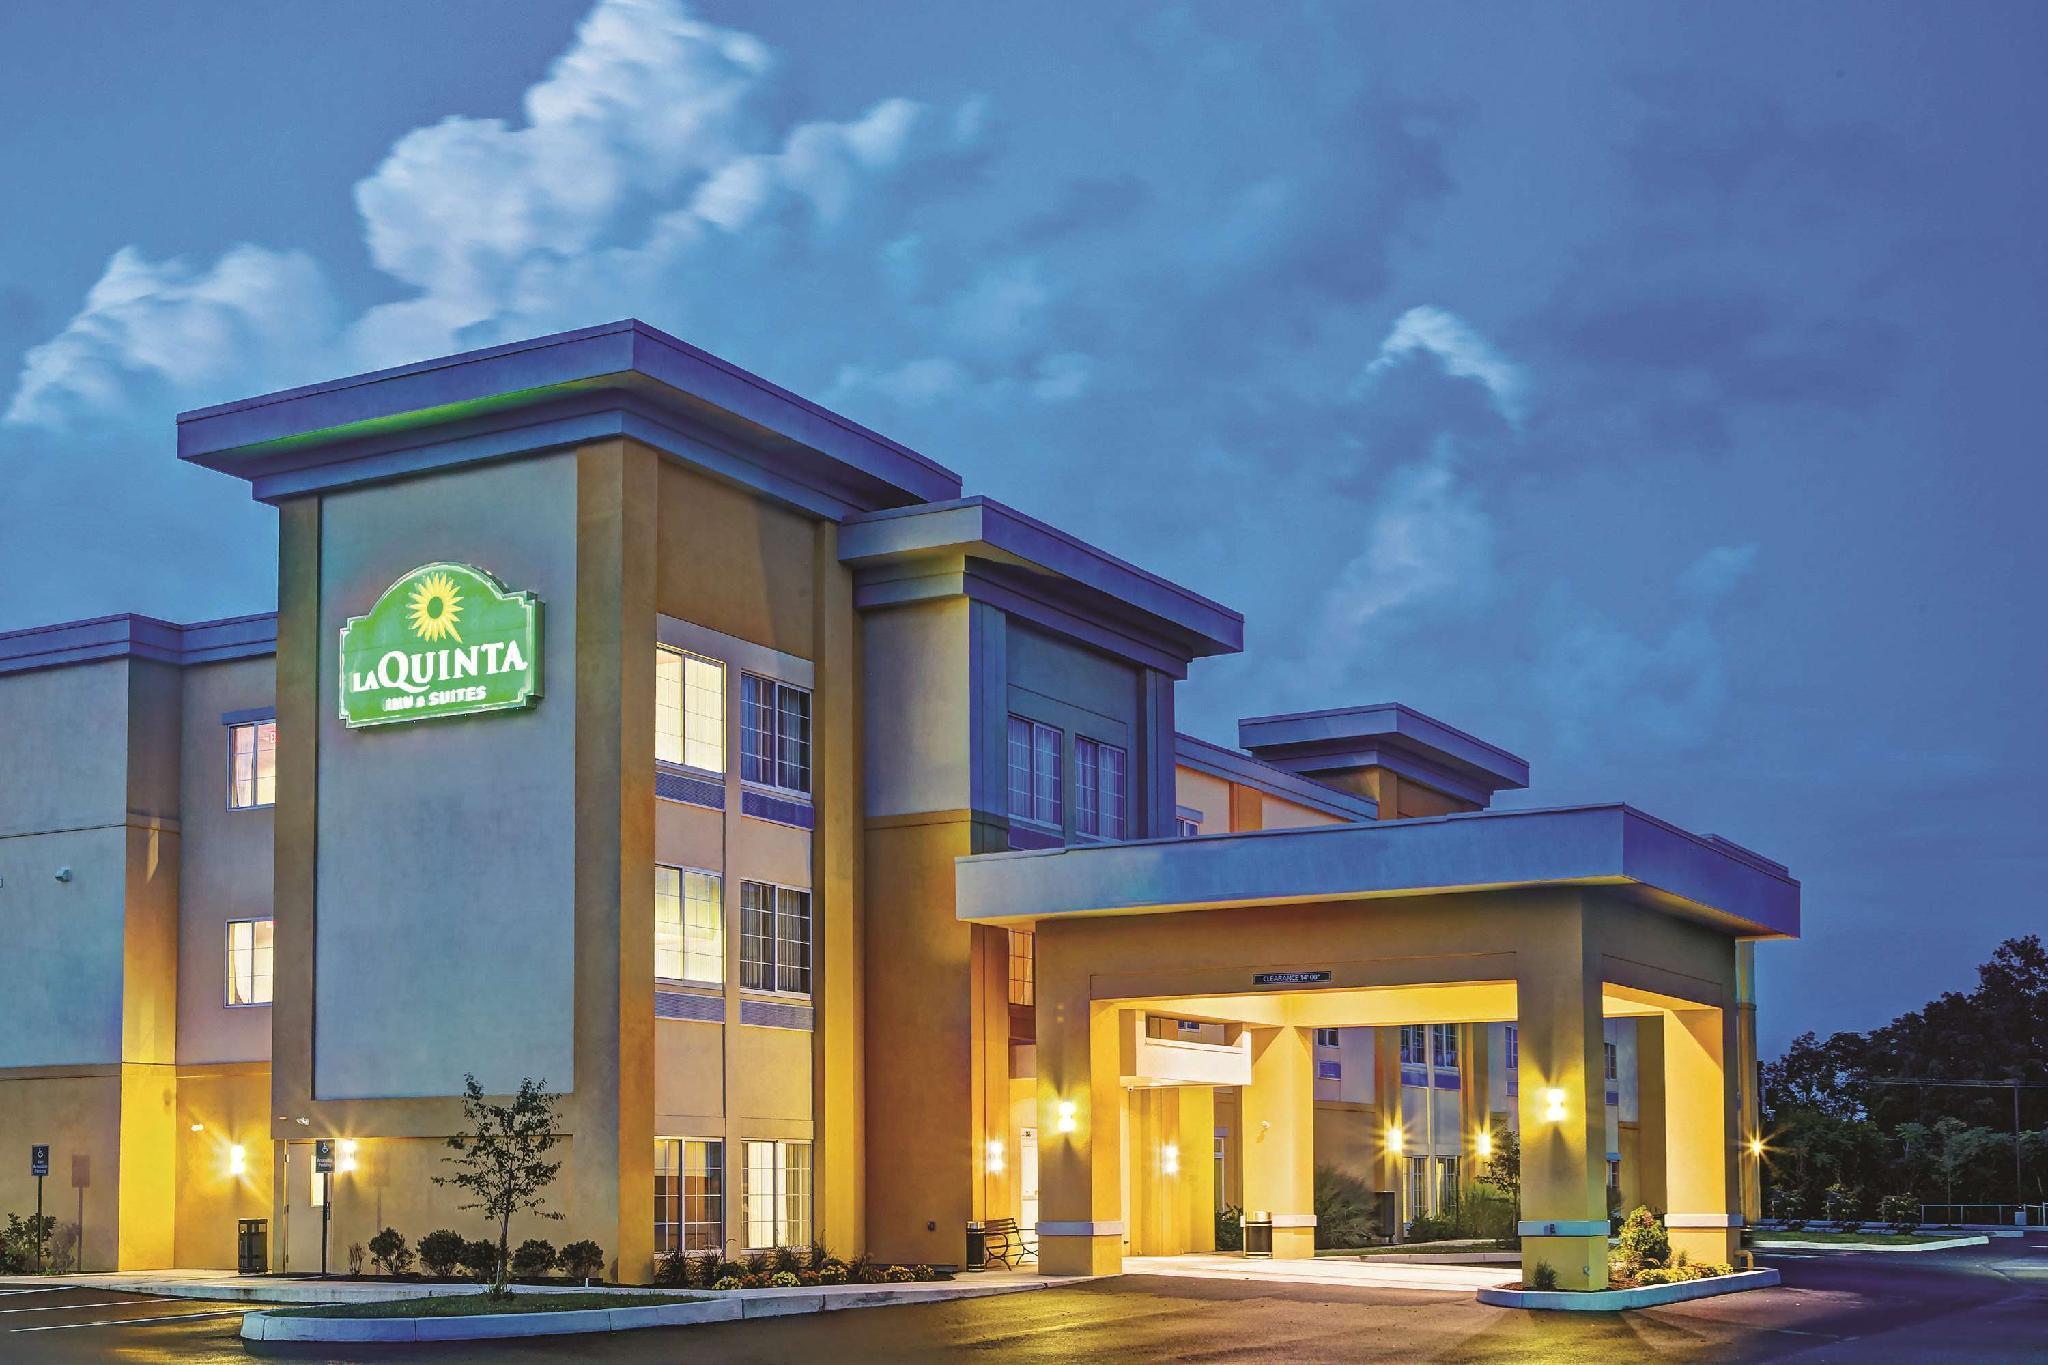 La Quinta Inn And Suites By Wyndham Harrisburg Hershey